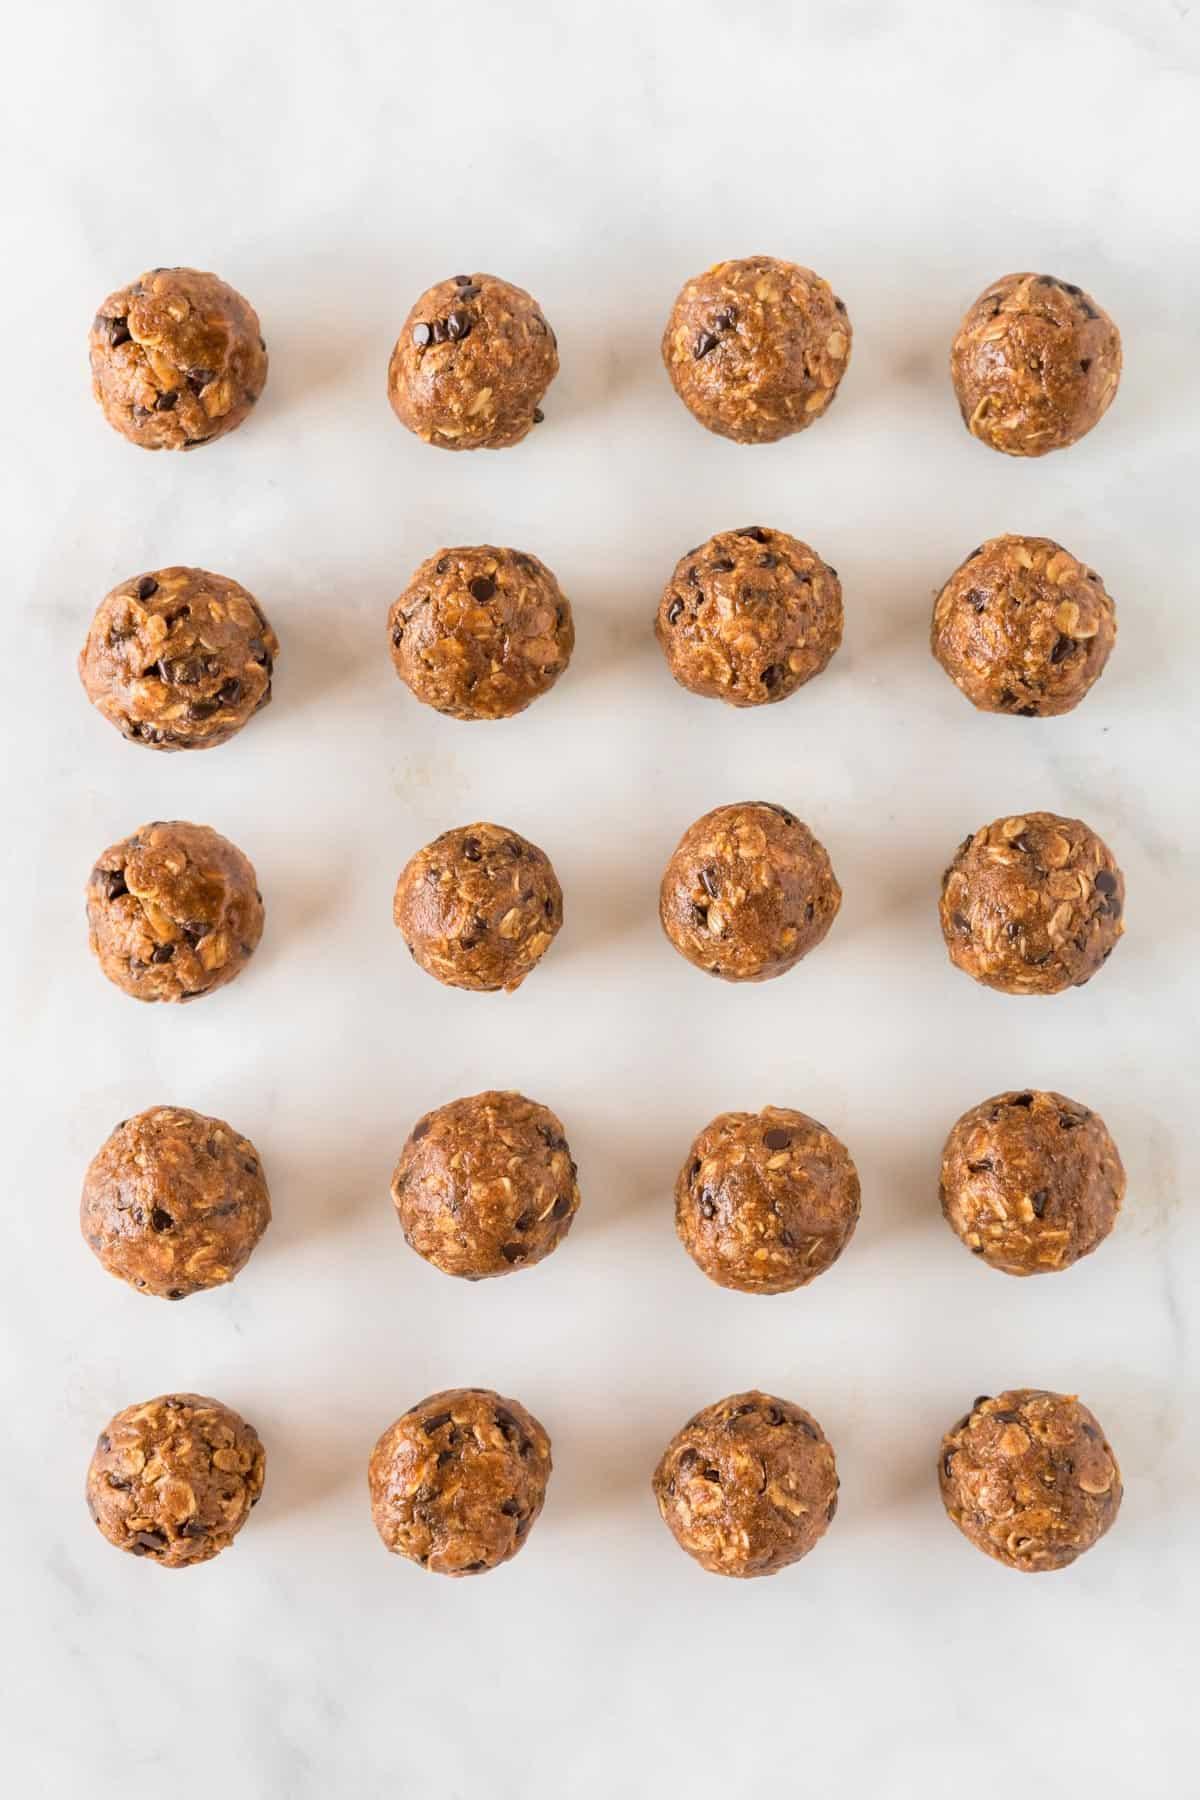 pumpkin protein balls lined up on a baking sheet